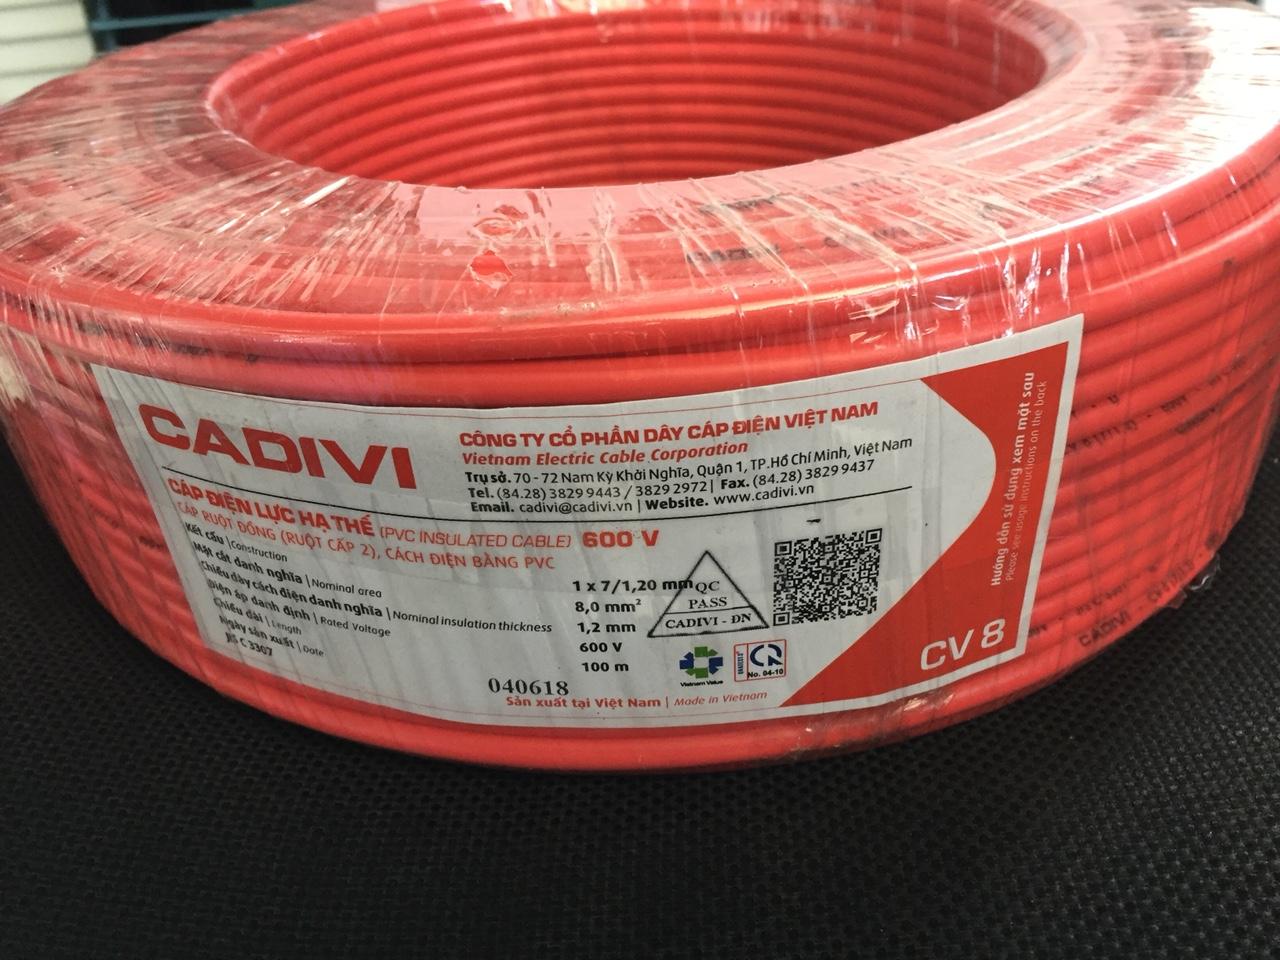 Dây điện Cadivi dẫn điện hiệu quả